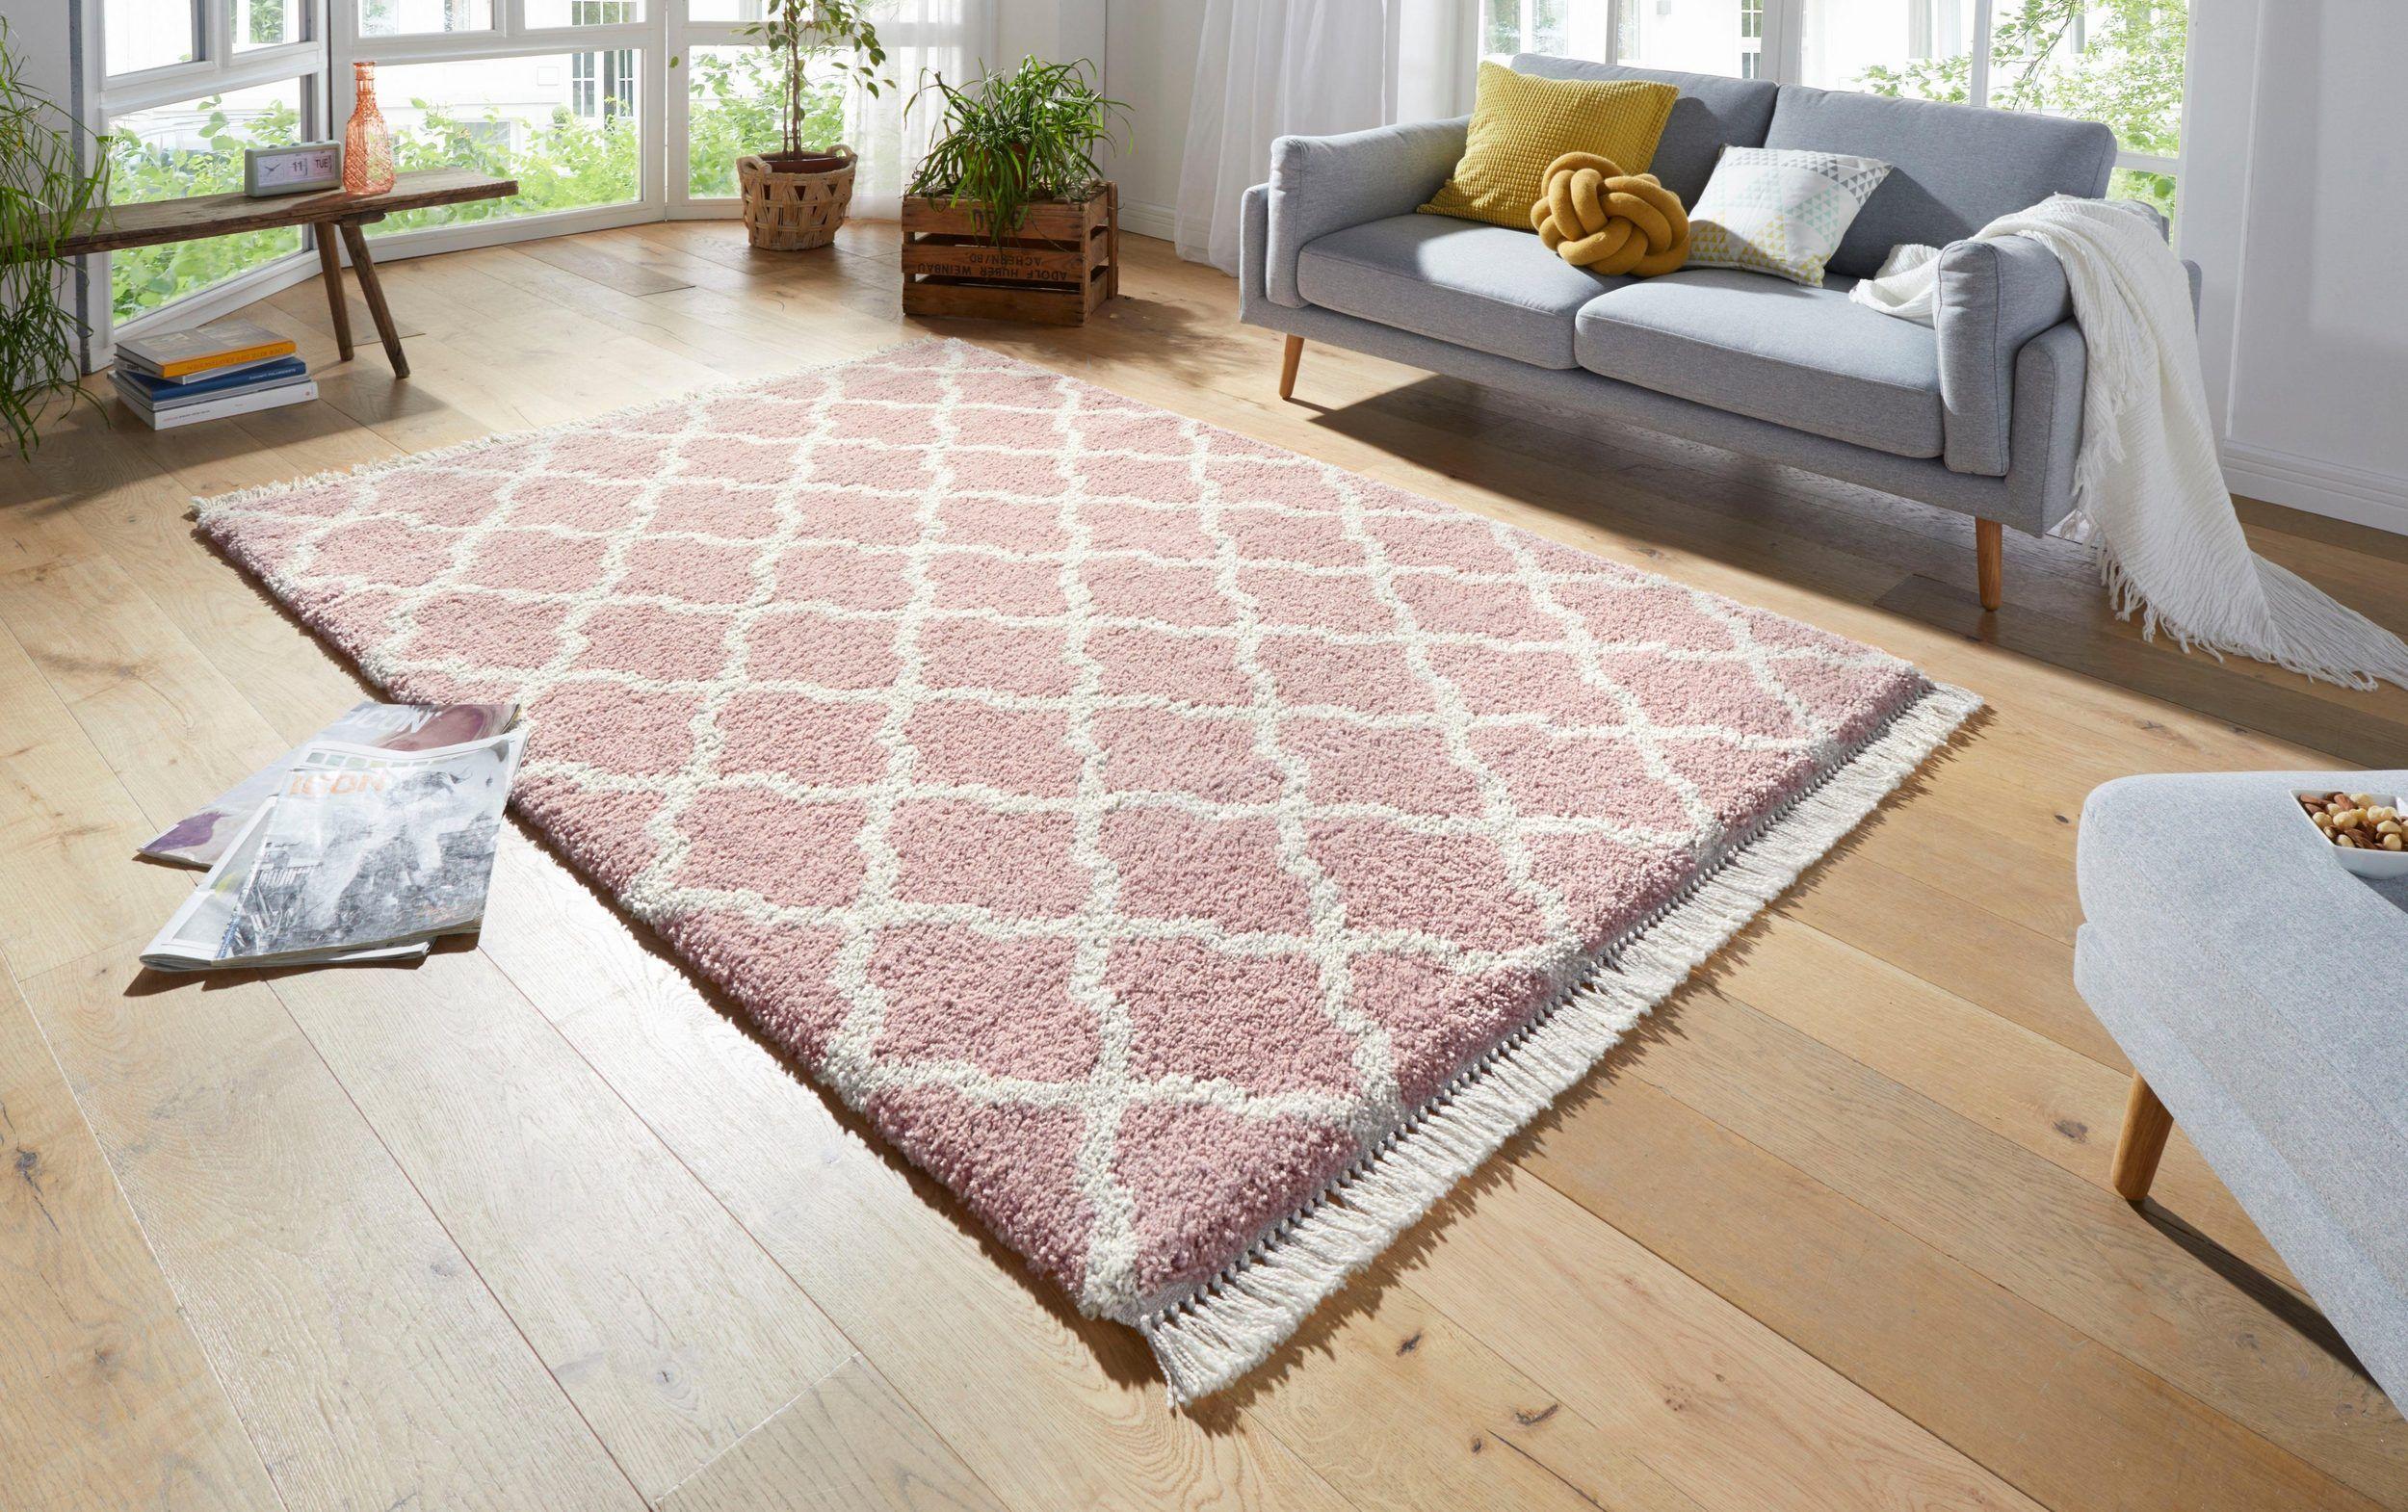 Kleines Wohnzimmer Mit Essbereich Einrichtungstipps Otto Kleine Zimmer Einrichten Teppich Kleines Wohnzimmer